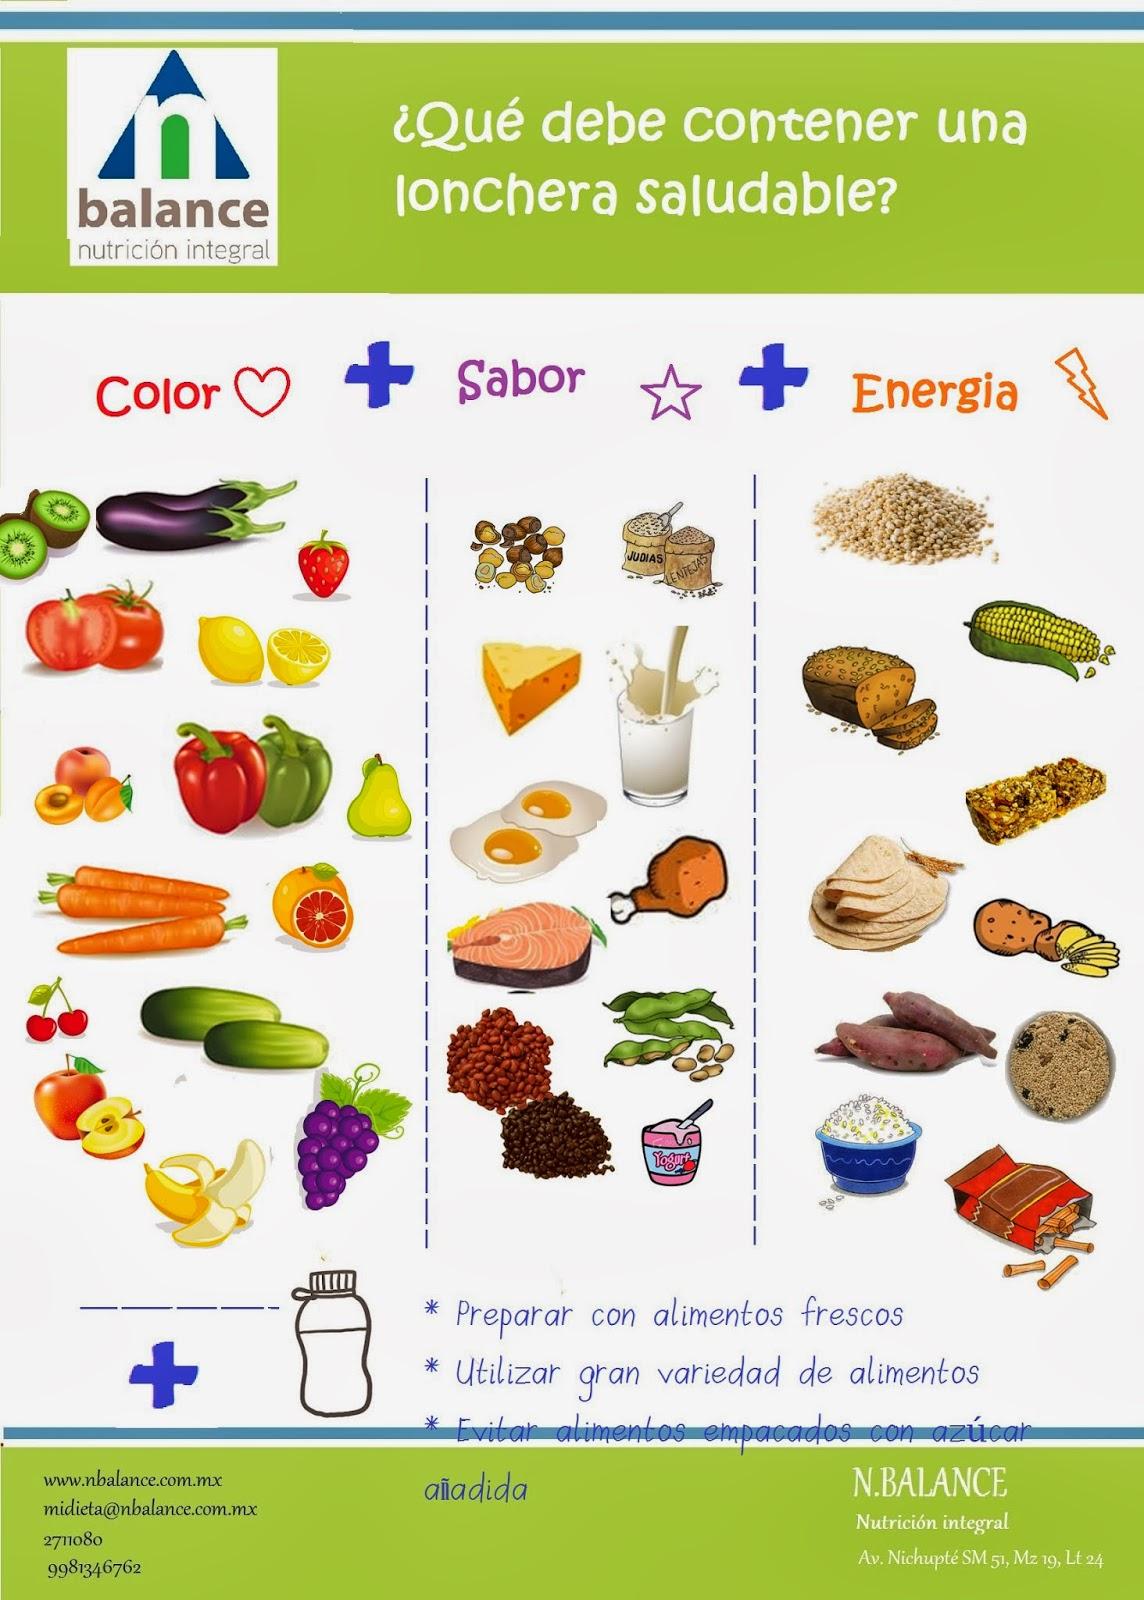 Nbalance qu debe contener una lonchera saludable for Comida saludable para toda la semana